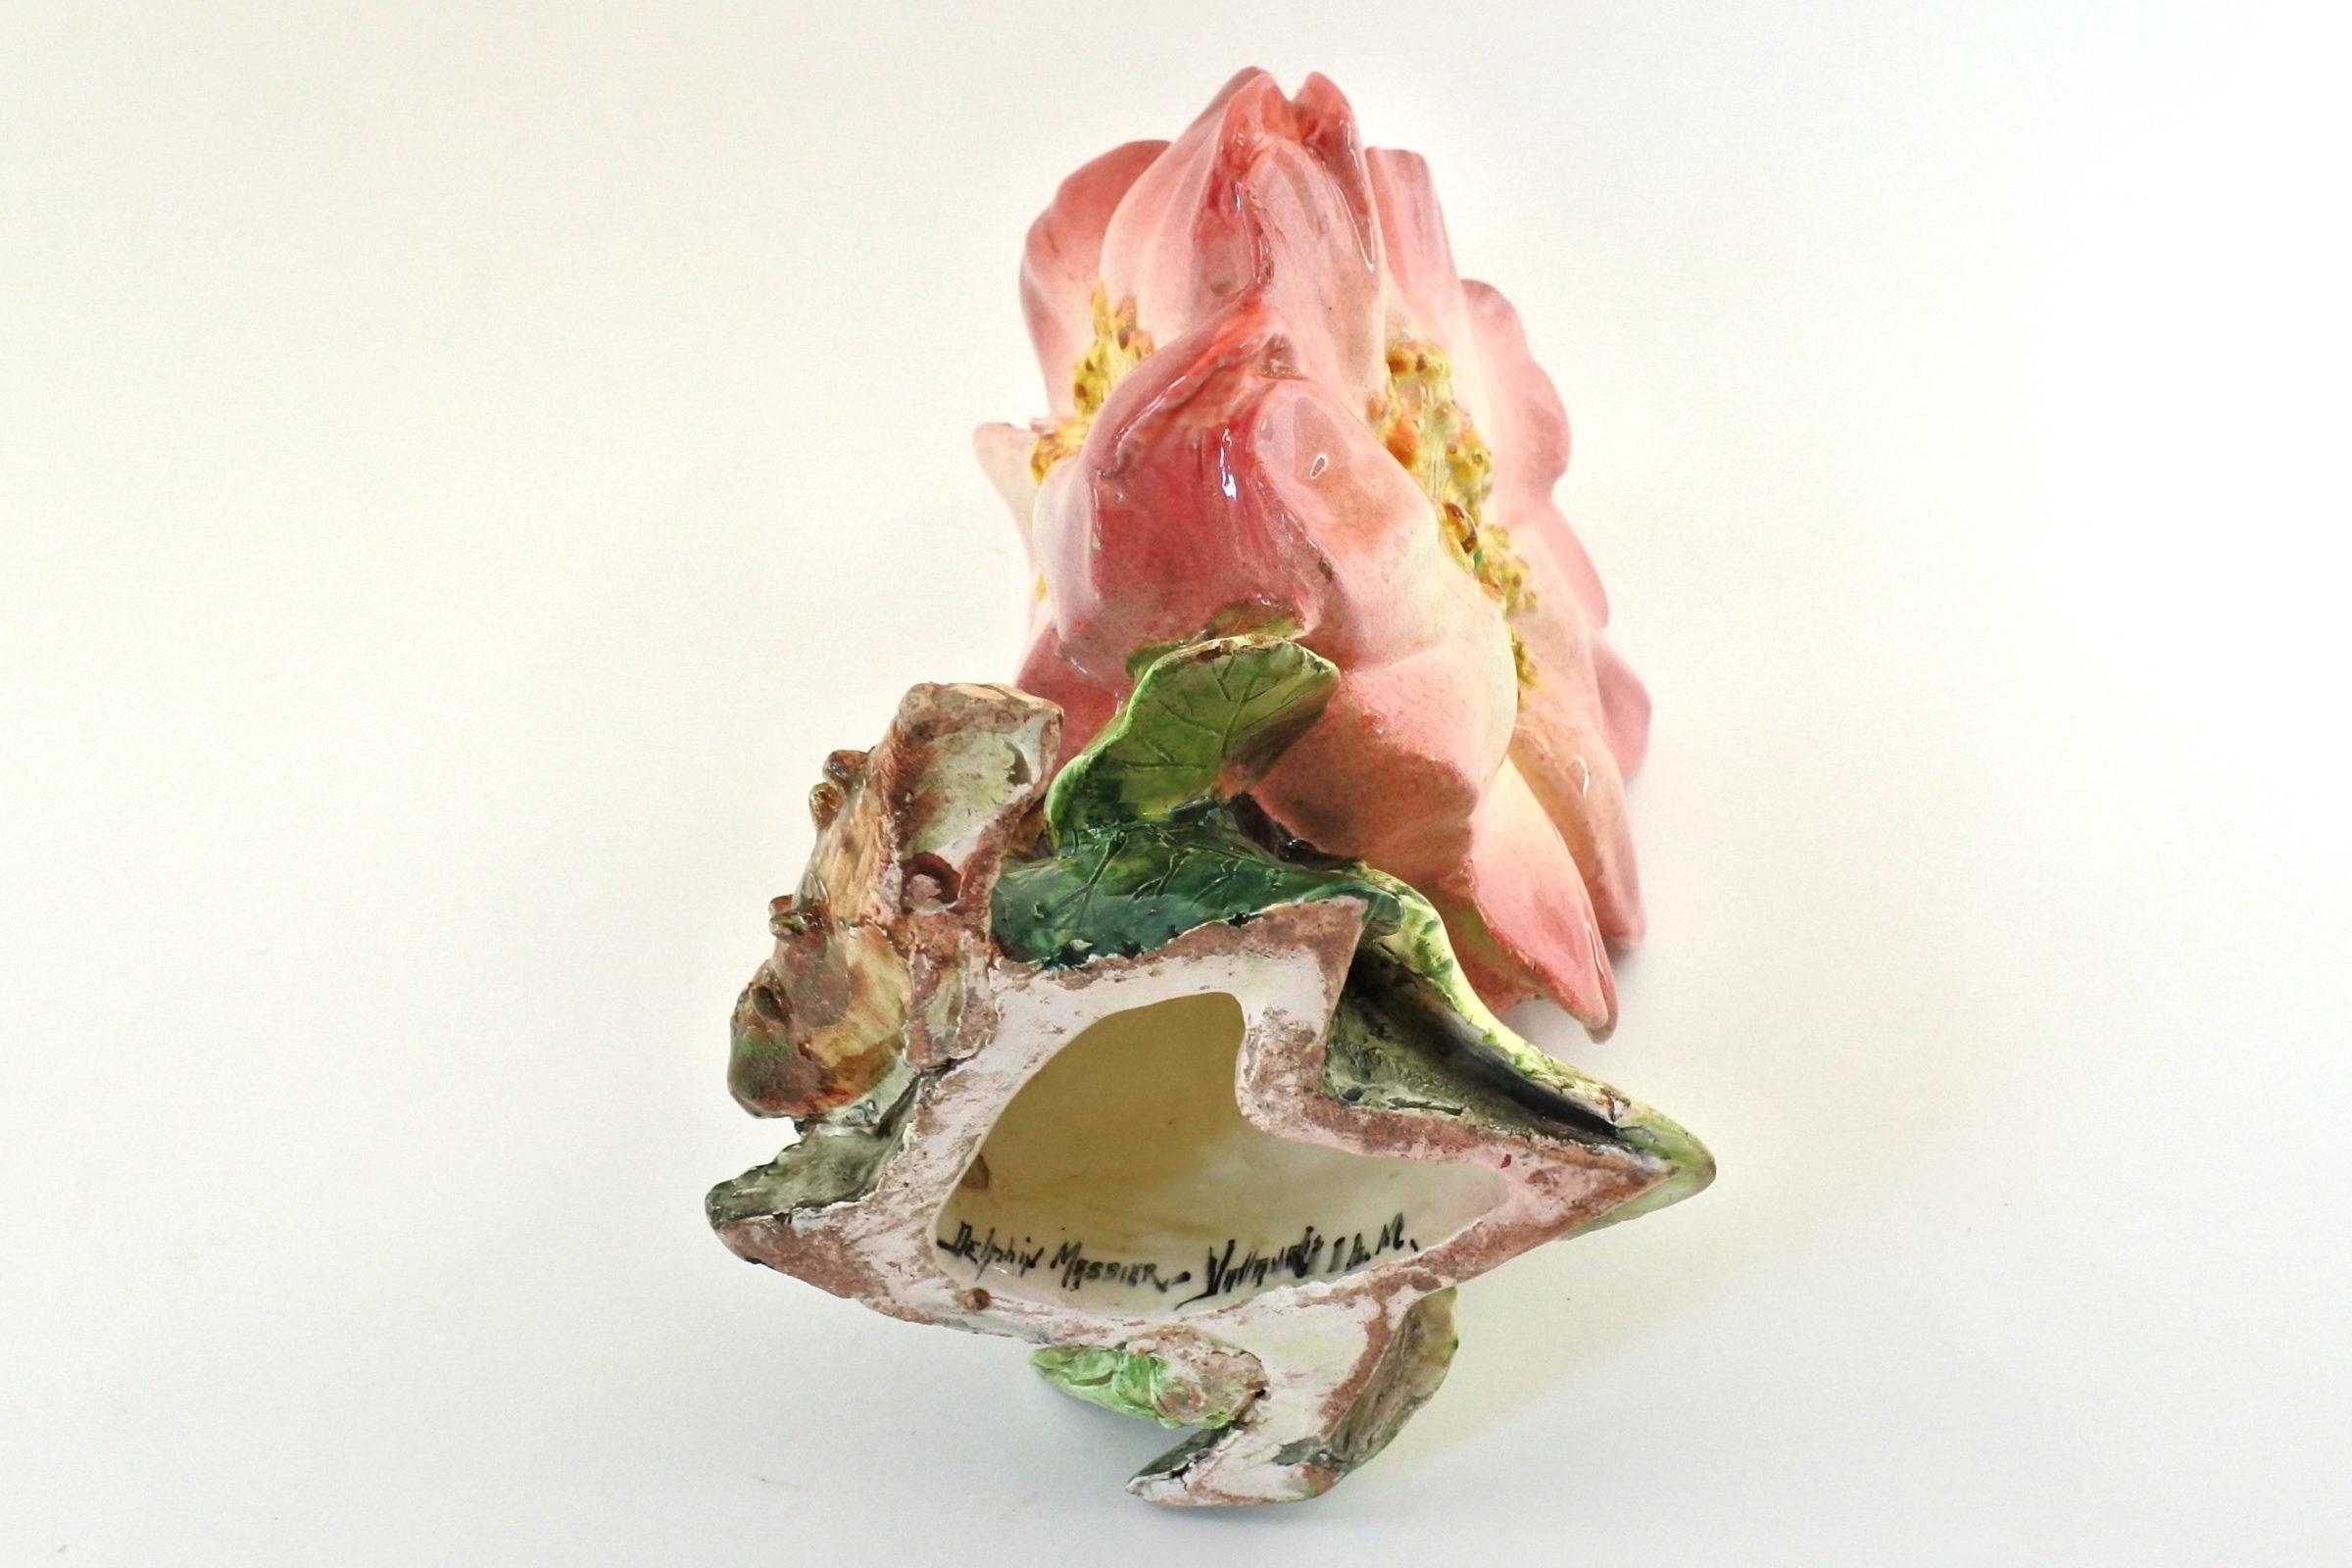 Vaso Massier in ceramica barbotine a forma di tre anemoni - Delphin Massier - 6